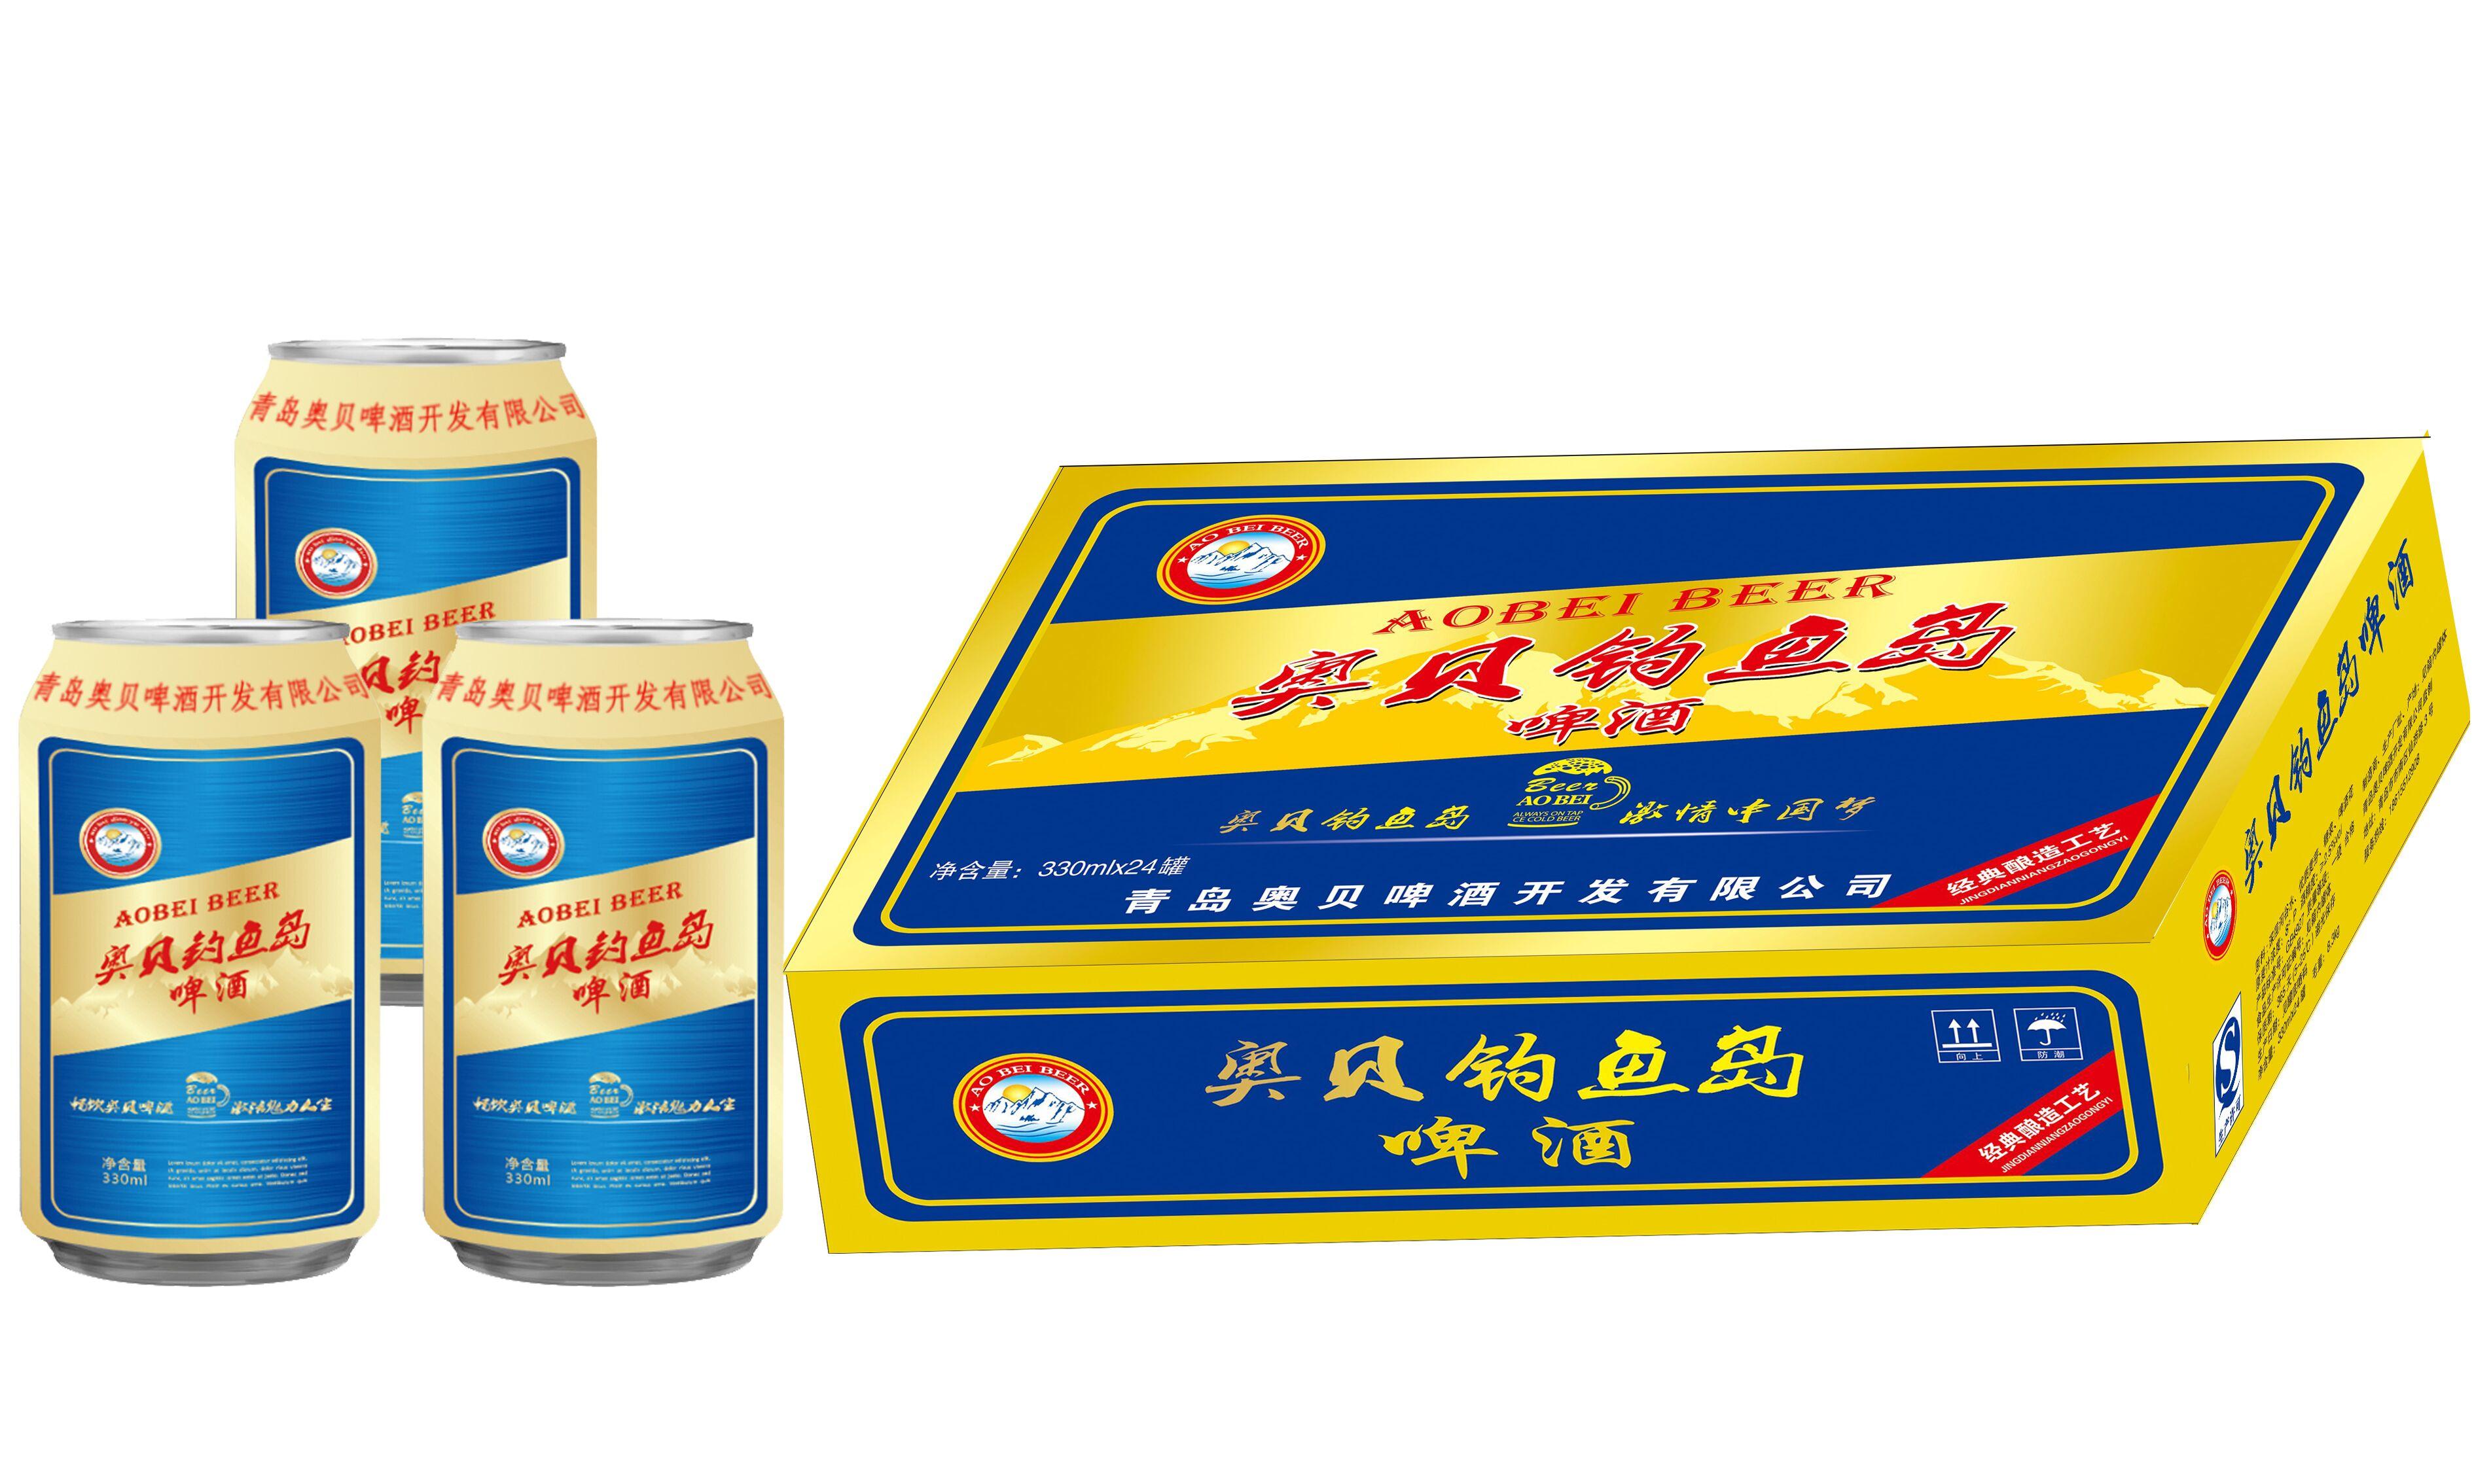 > 青岛啤酒拉罐展示店